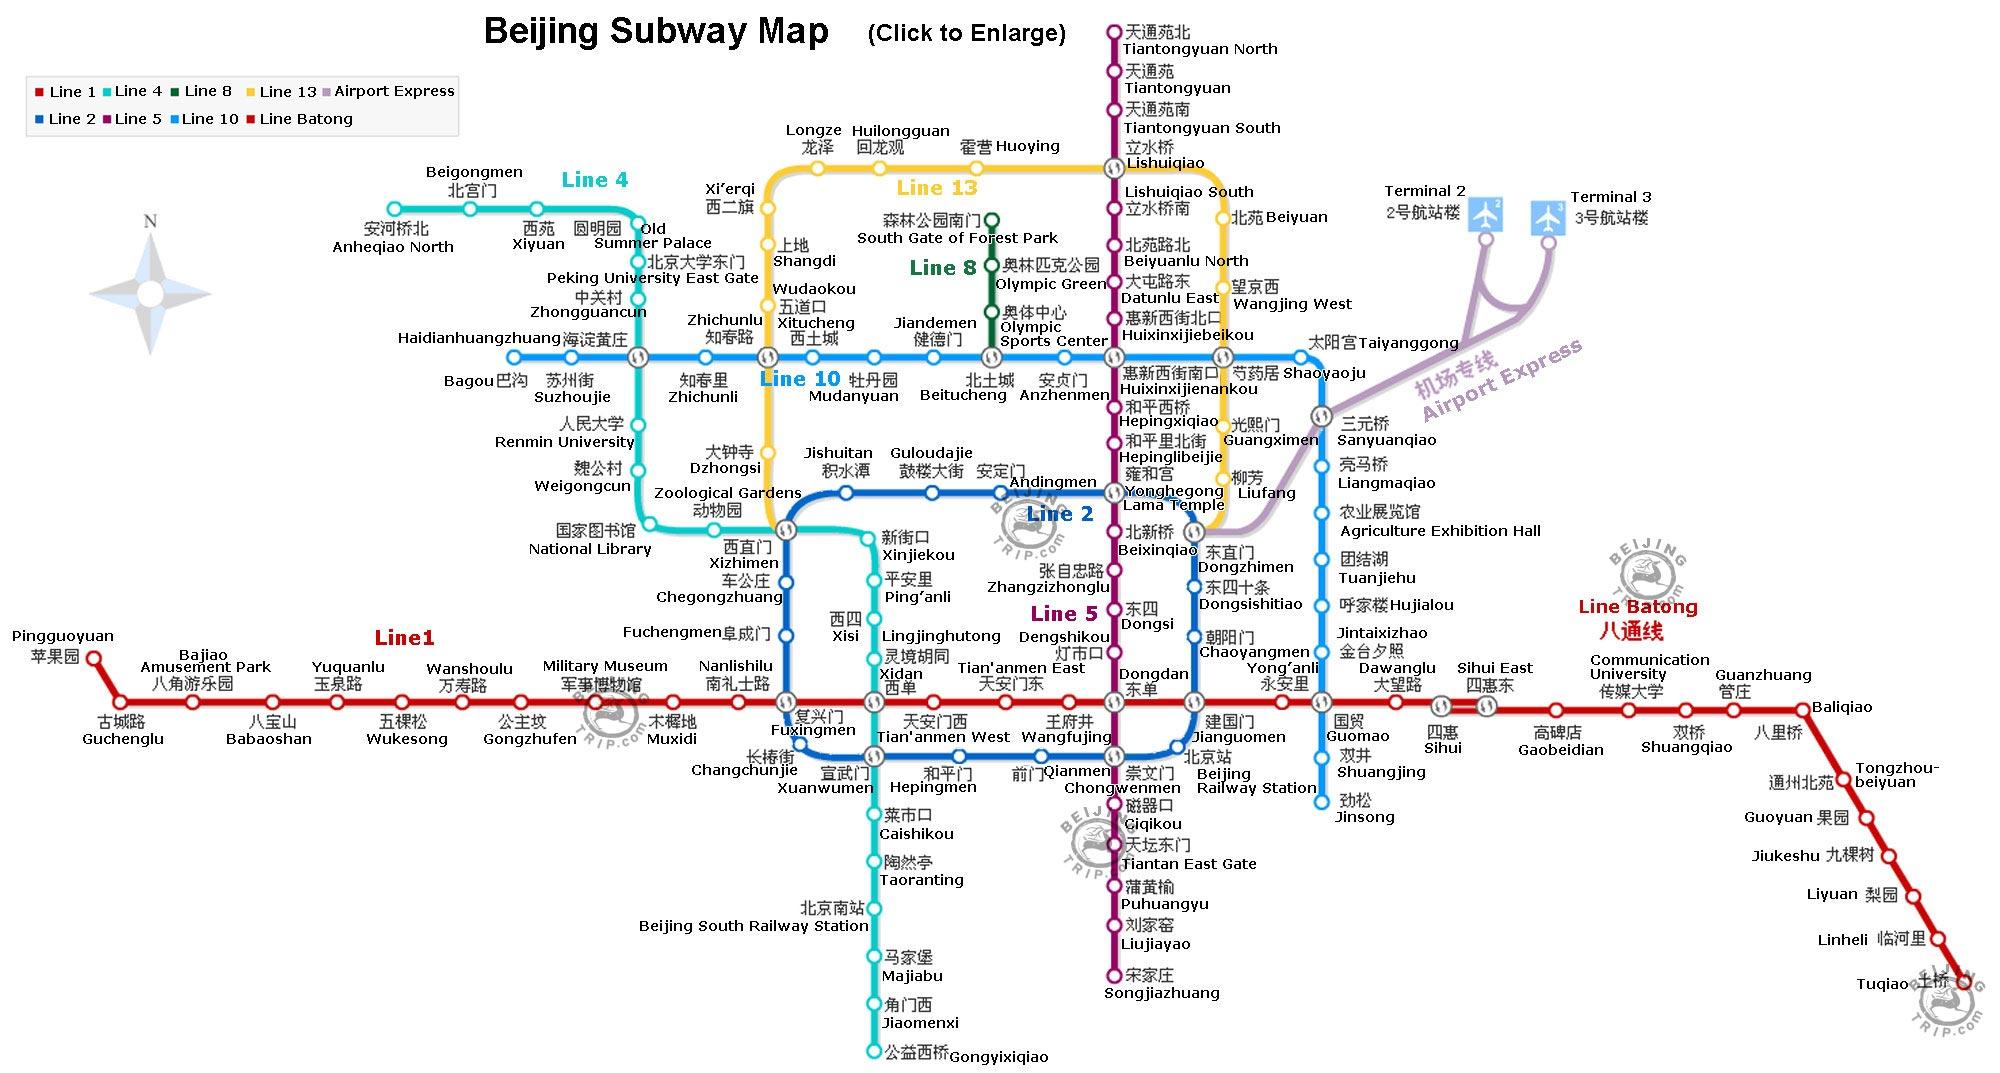 2017 Beijing Subway Map.Beijing Subway Metro